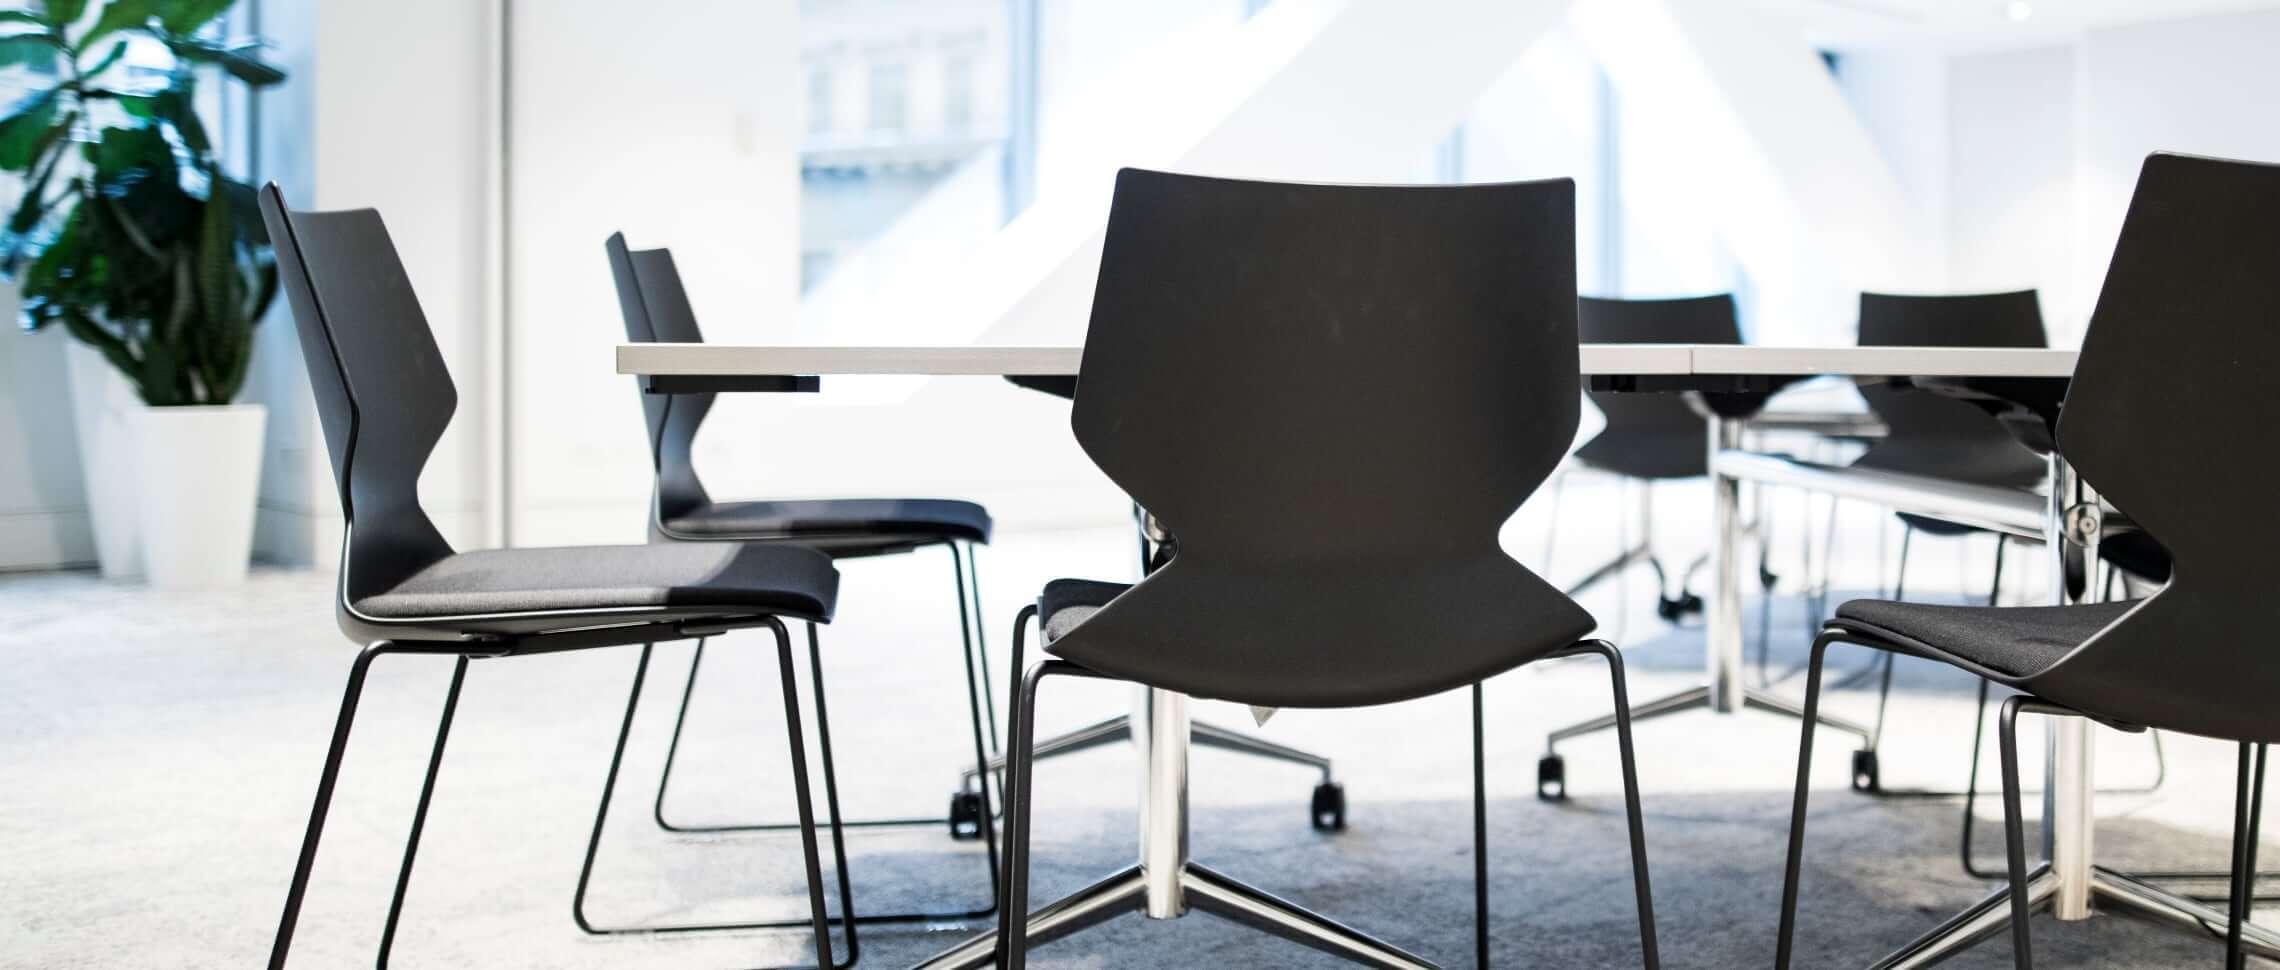 lokal för handledarkurs stolar bord konferenssal